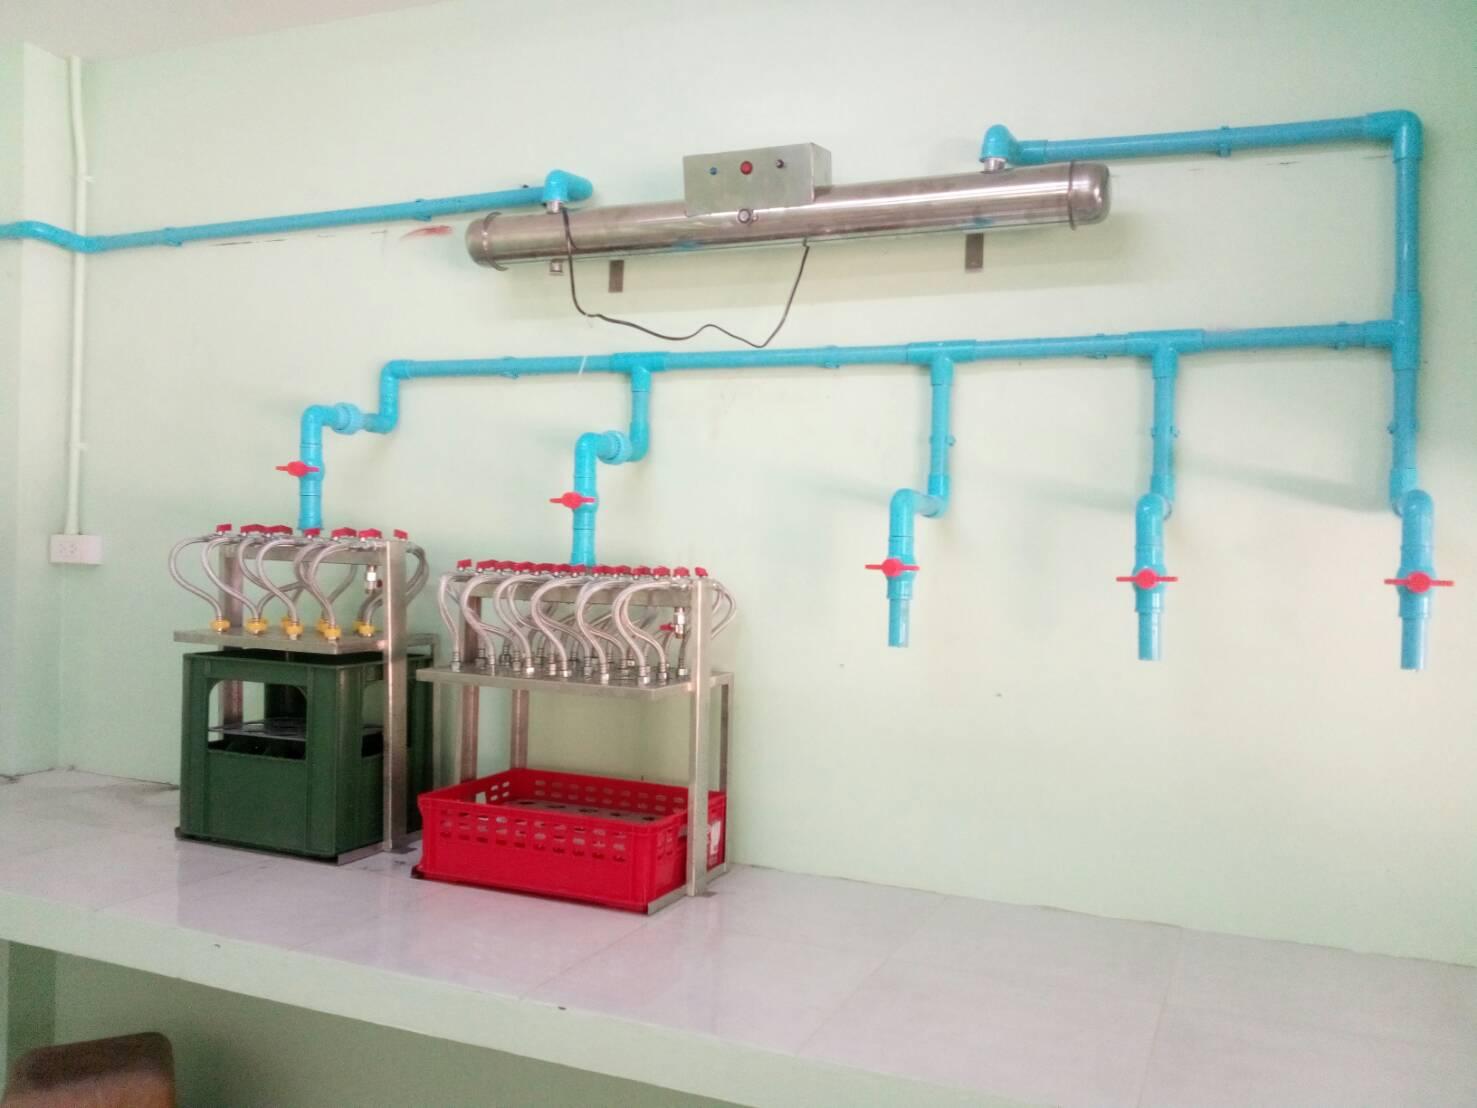 รับติดตั้งโรงงานผลิตน้ำดื่ม R.O 24,000 ลิตร/วัน (ทั้งระบบ)